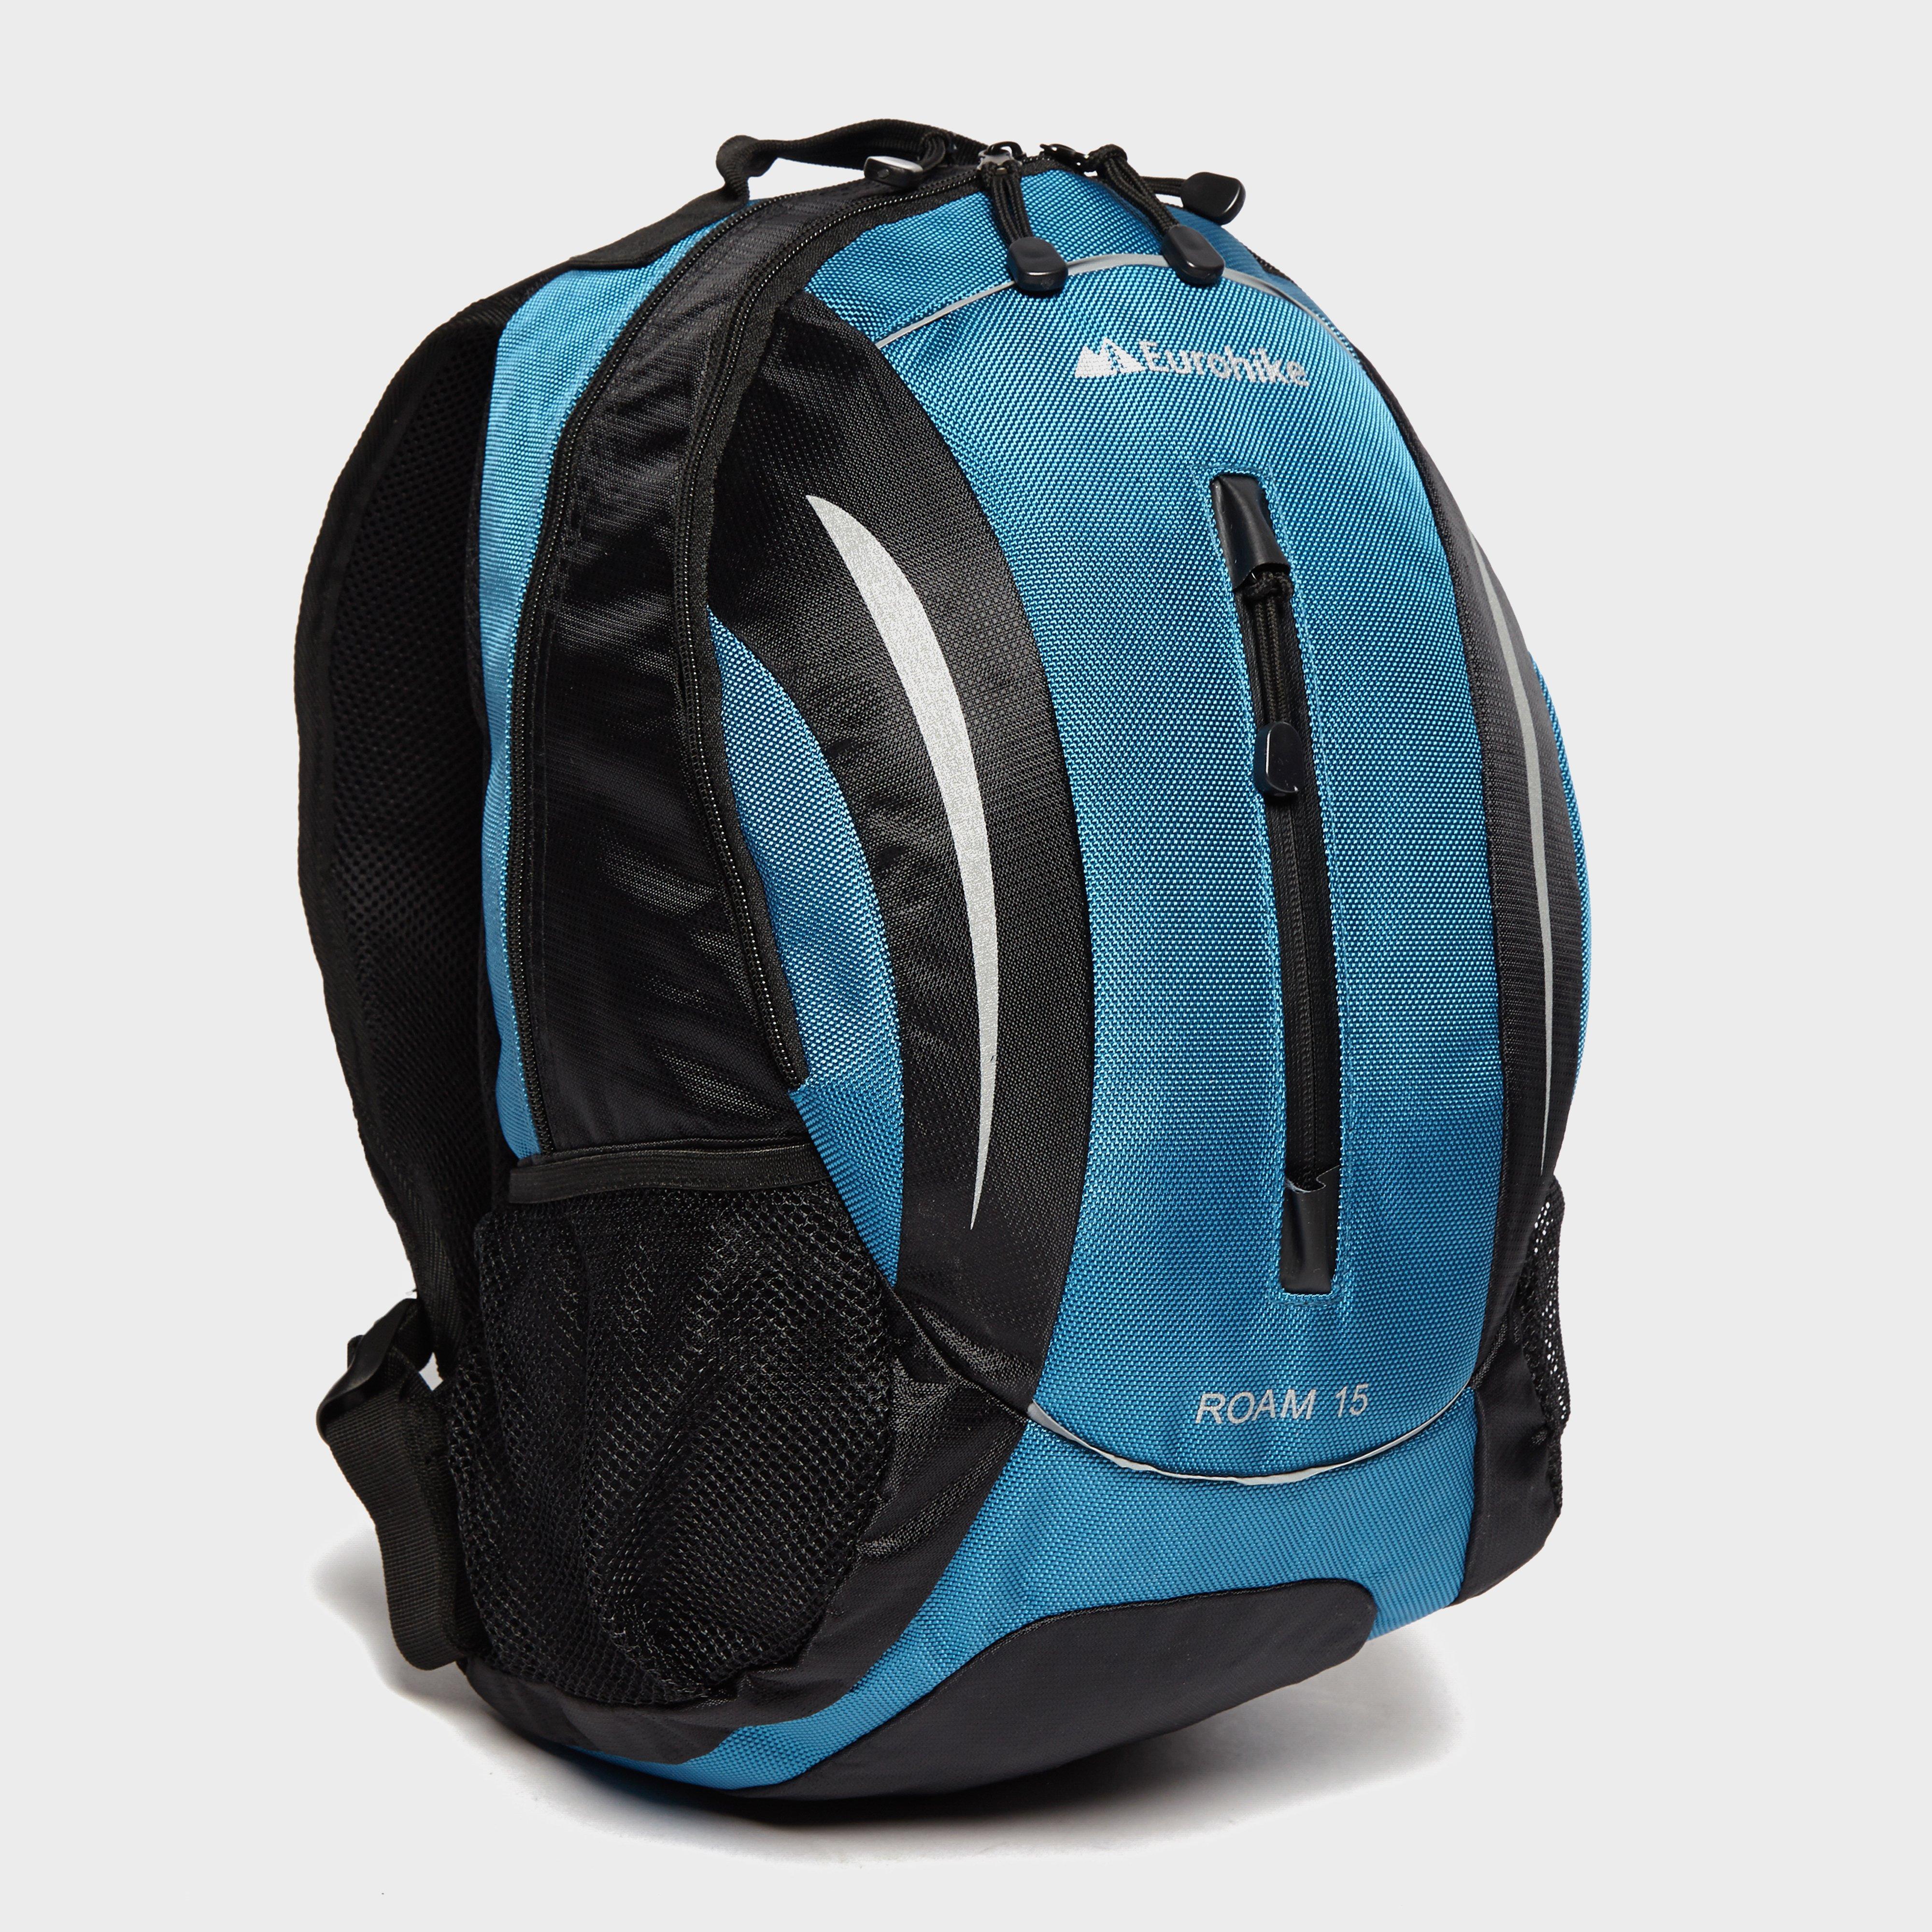 Eurohike Eurohike Roam 15L Daysack - Blue, Blue